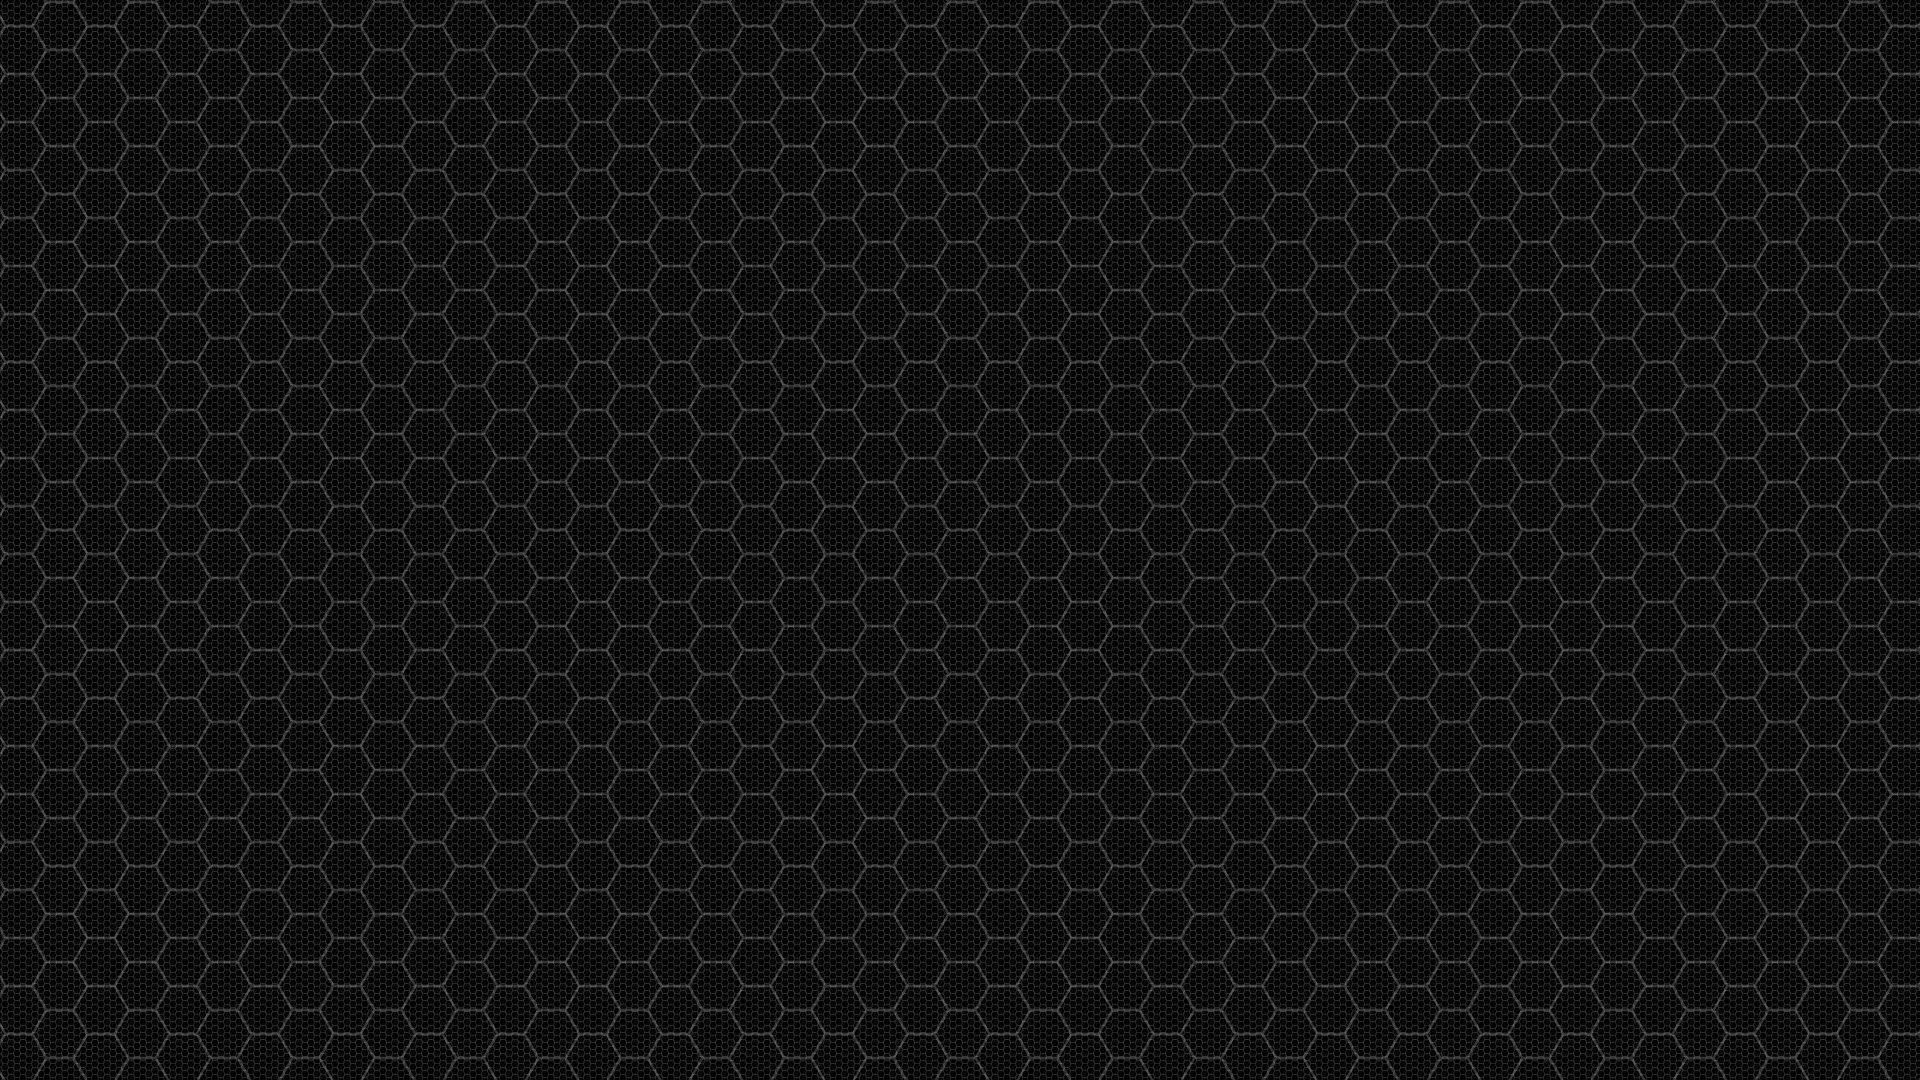 10 Top Black Carbon Fiber Wallpaper Hd FULL HD 1080p For PC Desktop